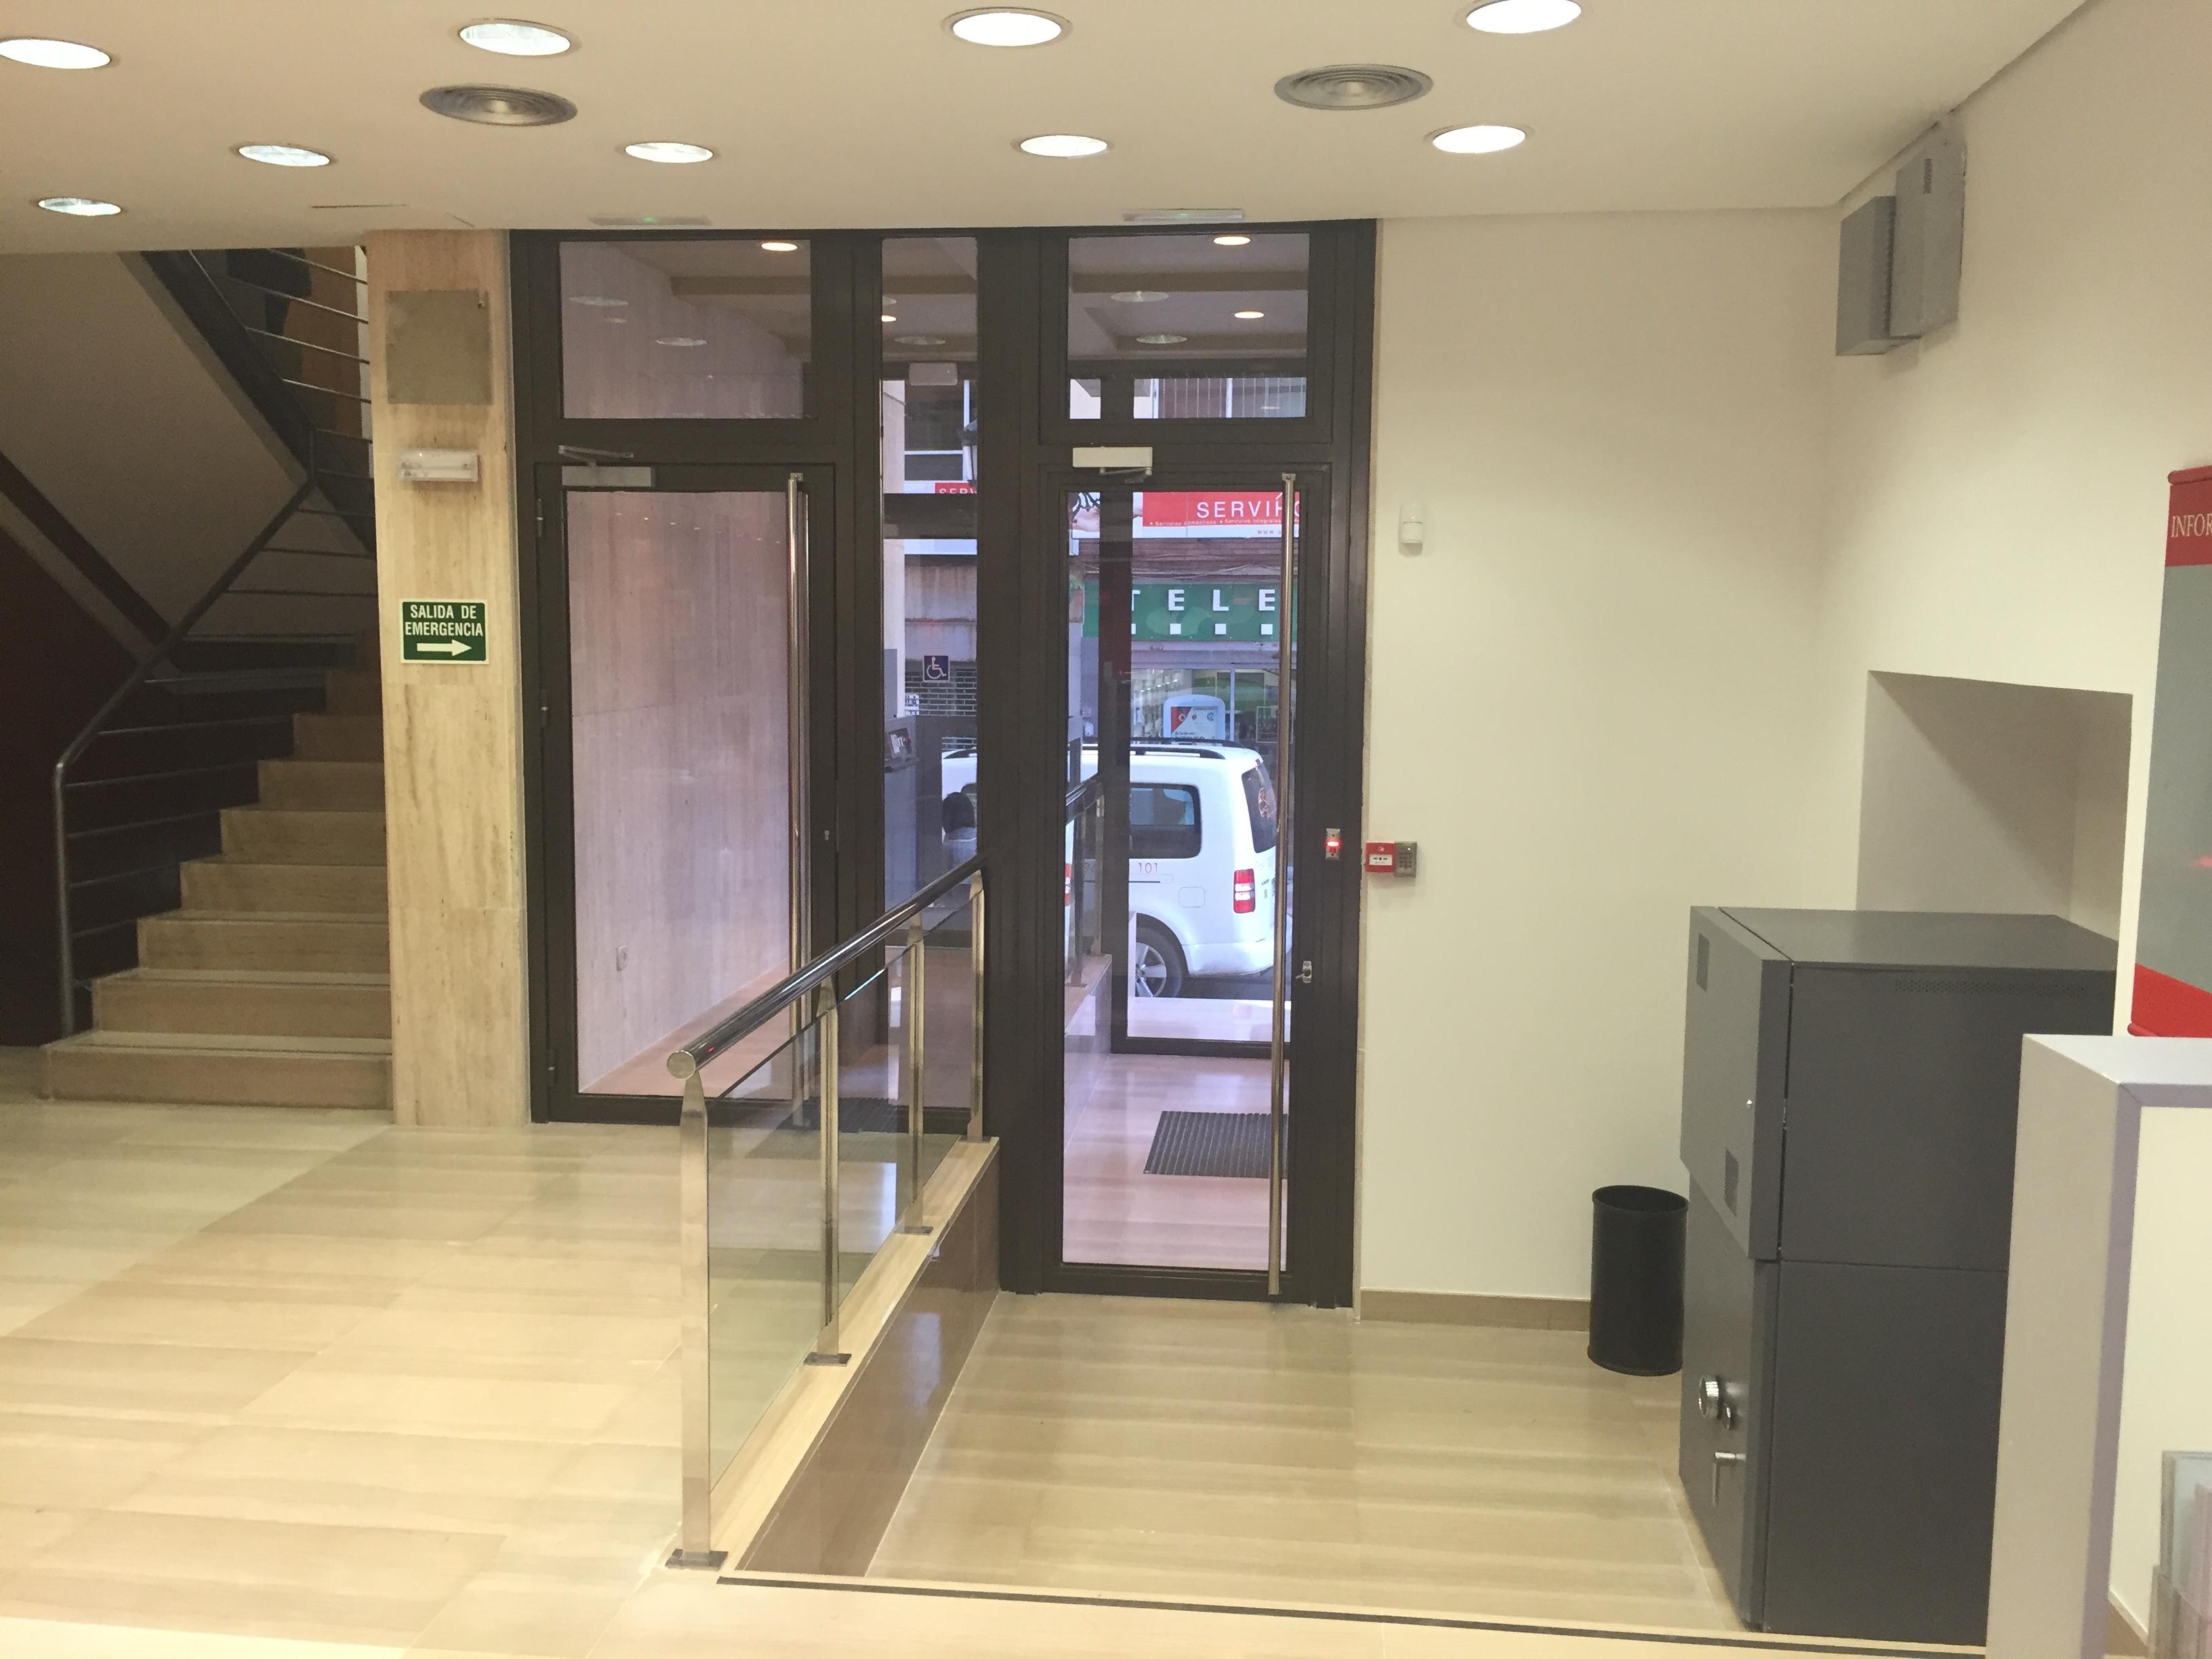 La oficina del banco santander en la calle mayor de for Horario oficinas banco santander